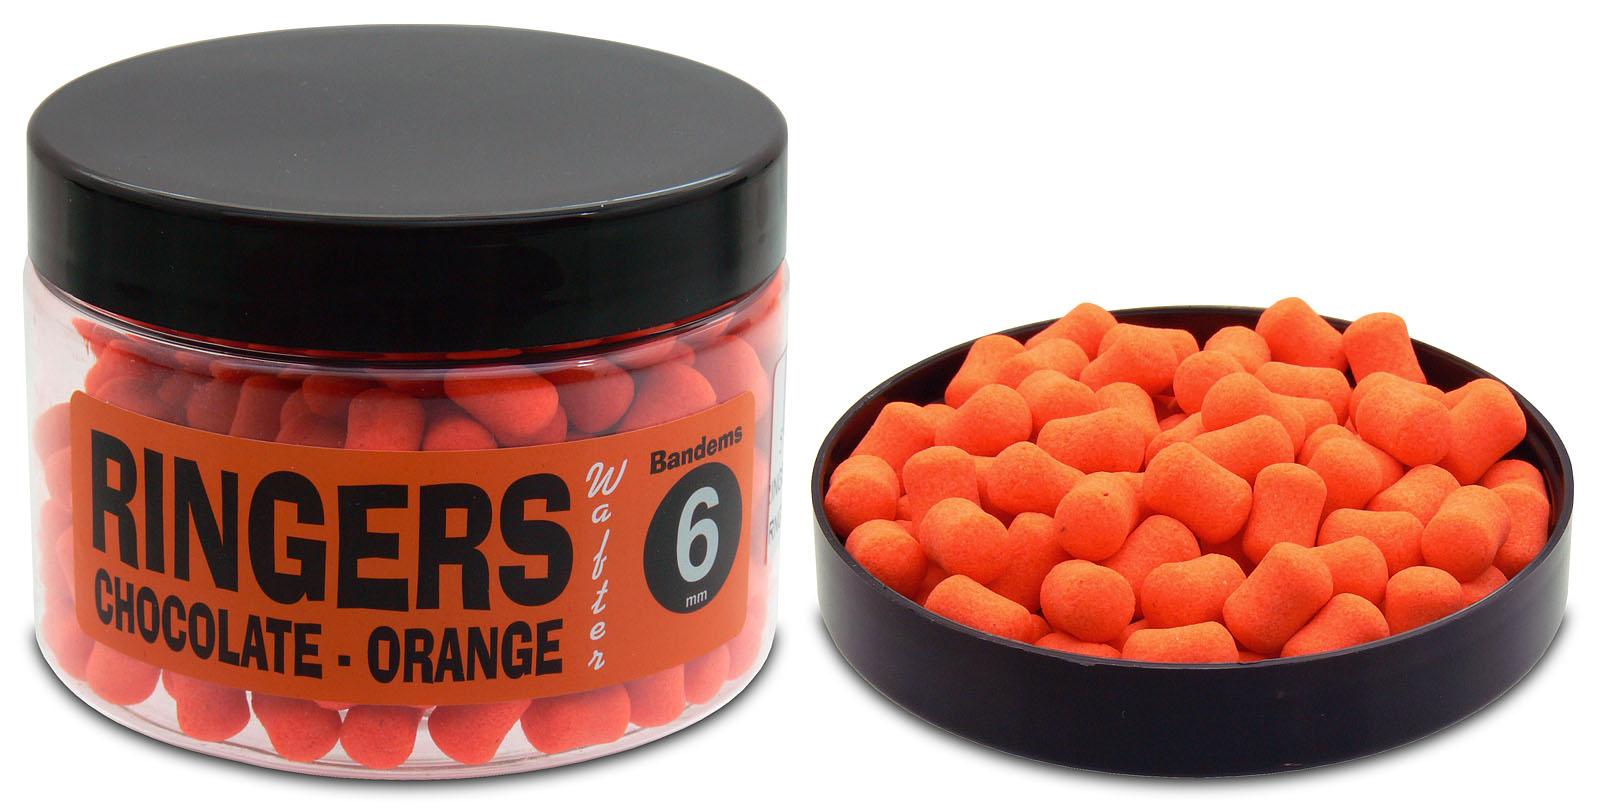 A Ringers termékskála egyik zászlóshajója a csoki-narancs wafter, mely elérhető 6 mm-es pellet…